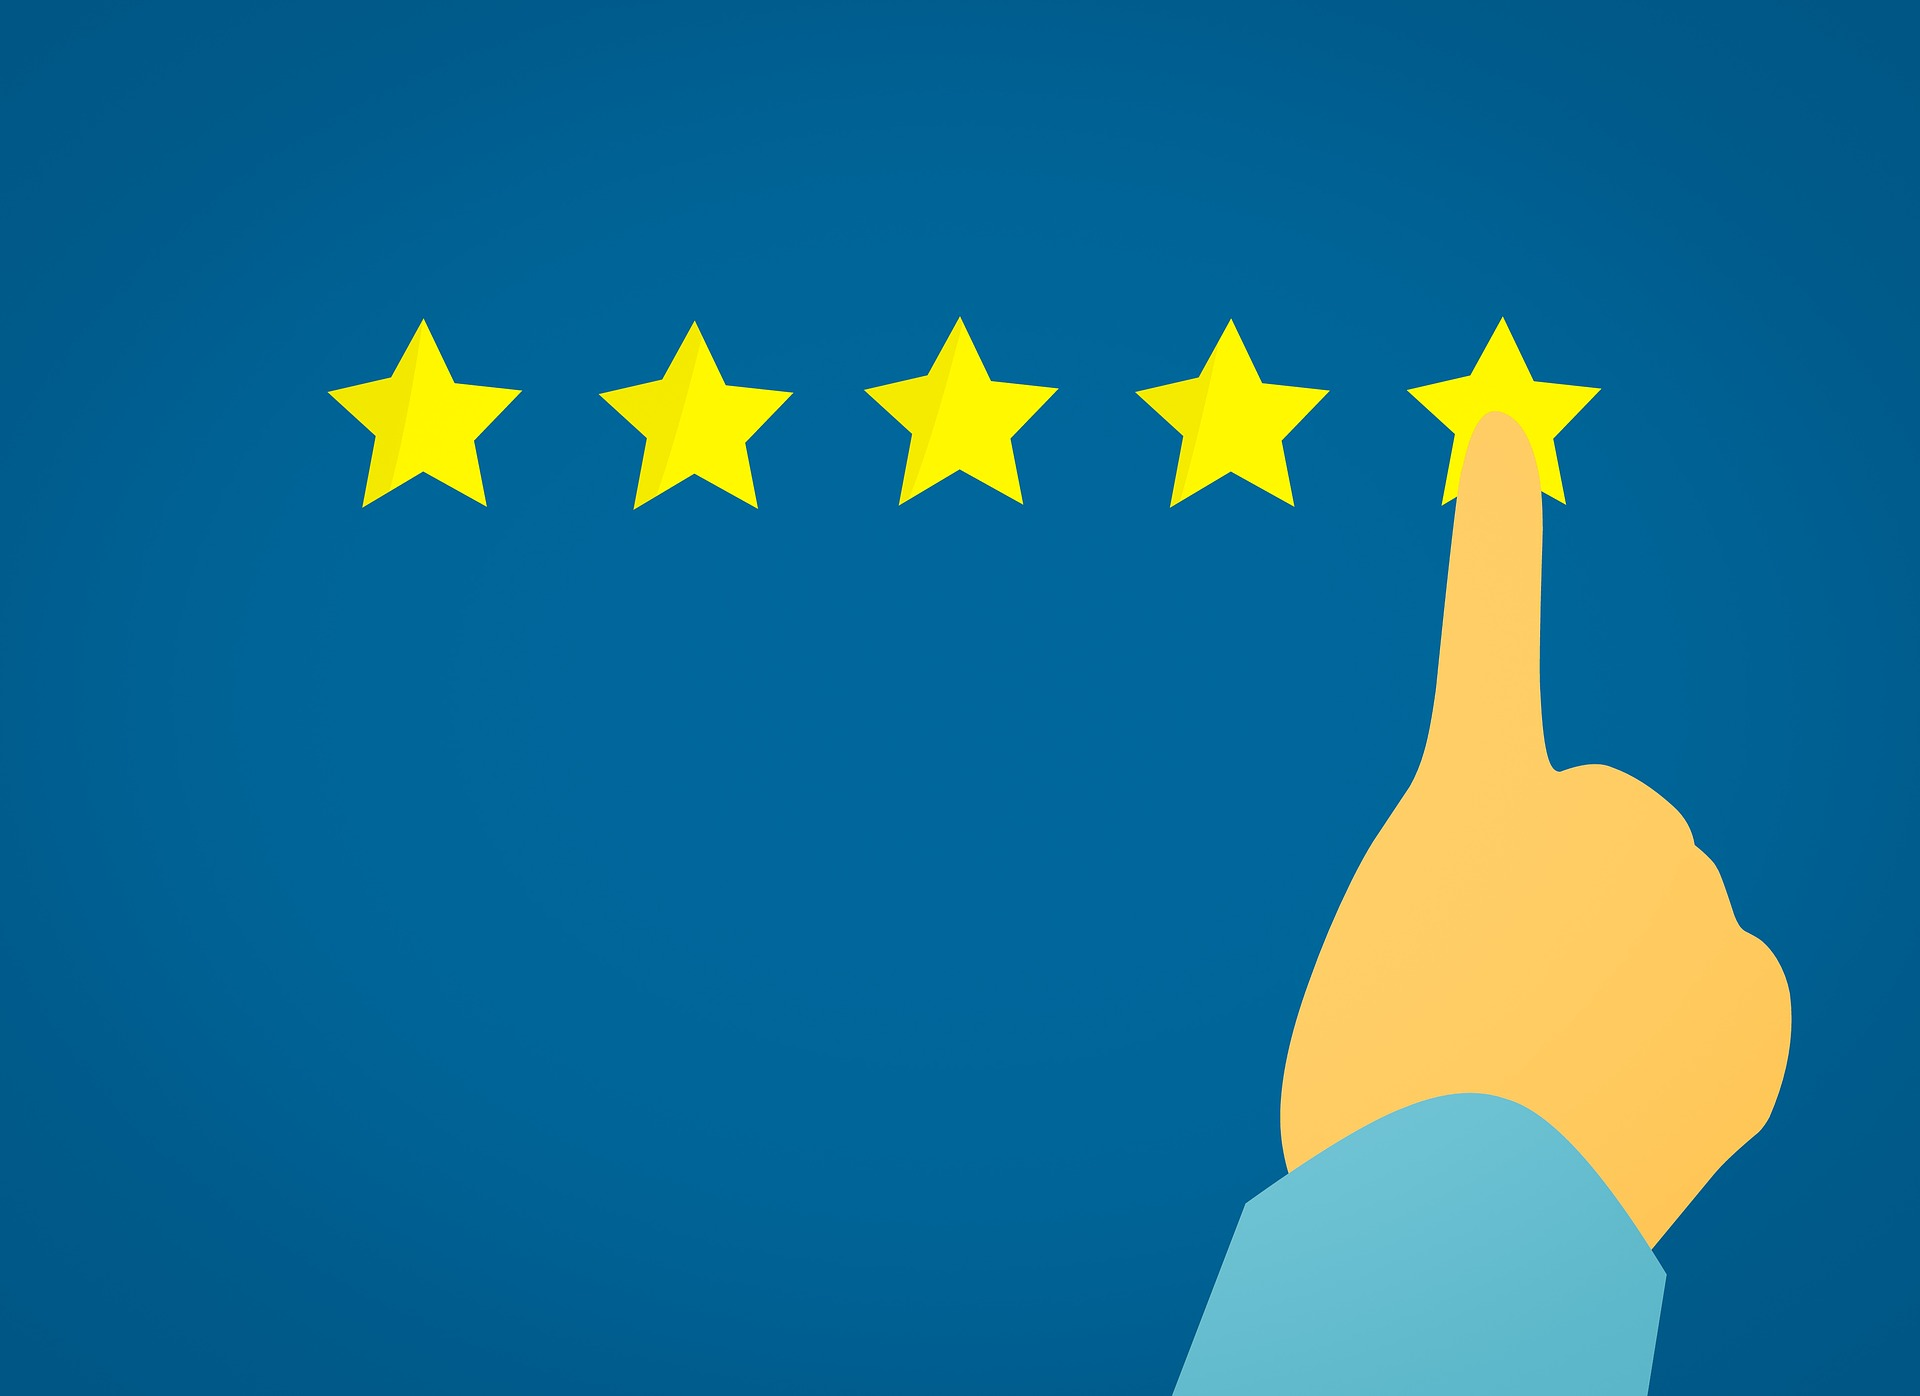 חווית לקוח מוצלחת